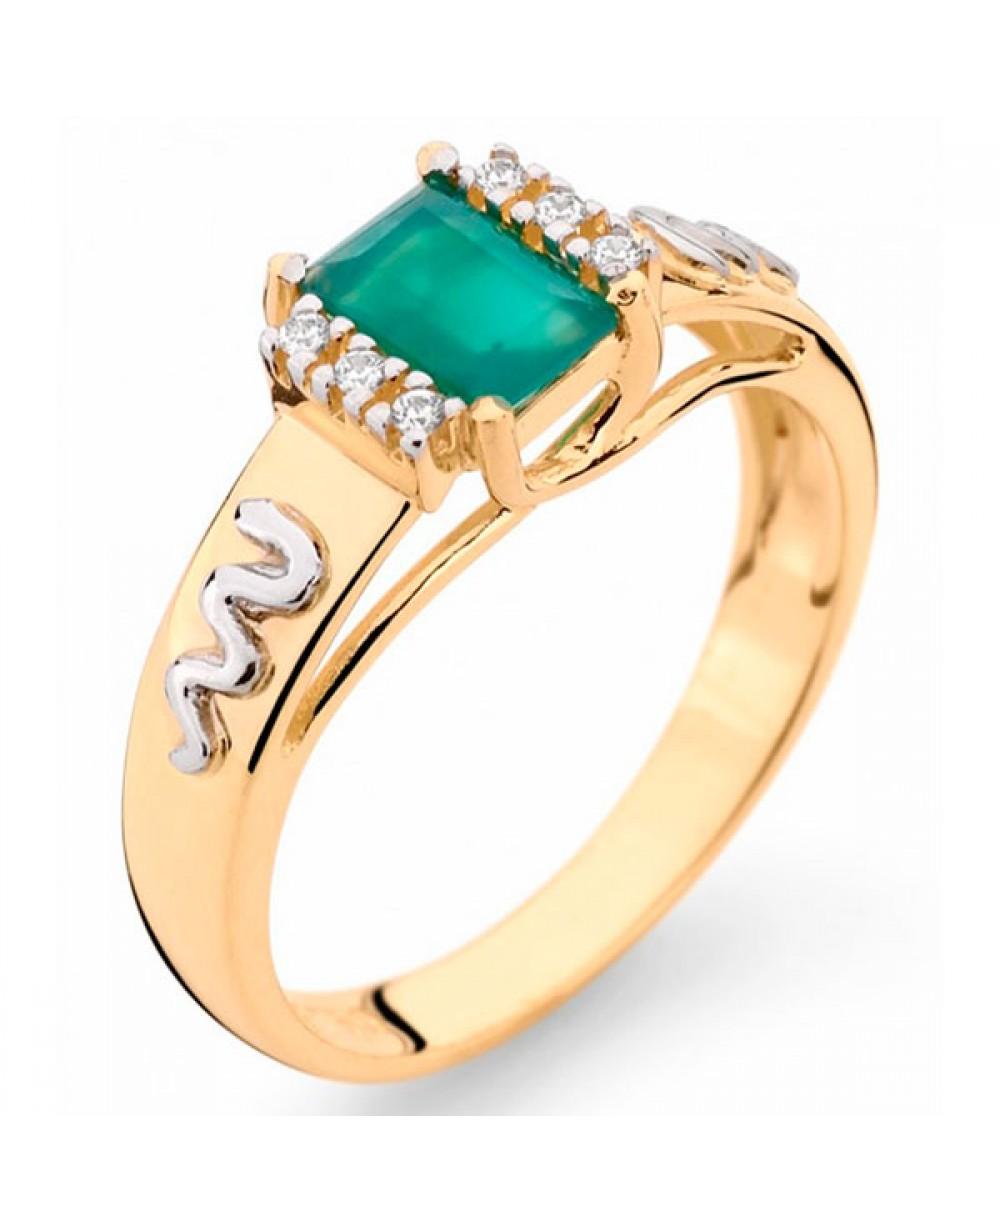 Anel Formatura em Ouro 18K com Pedra Natural Esmeralda e Diamantes ... bc1459b2da